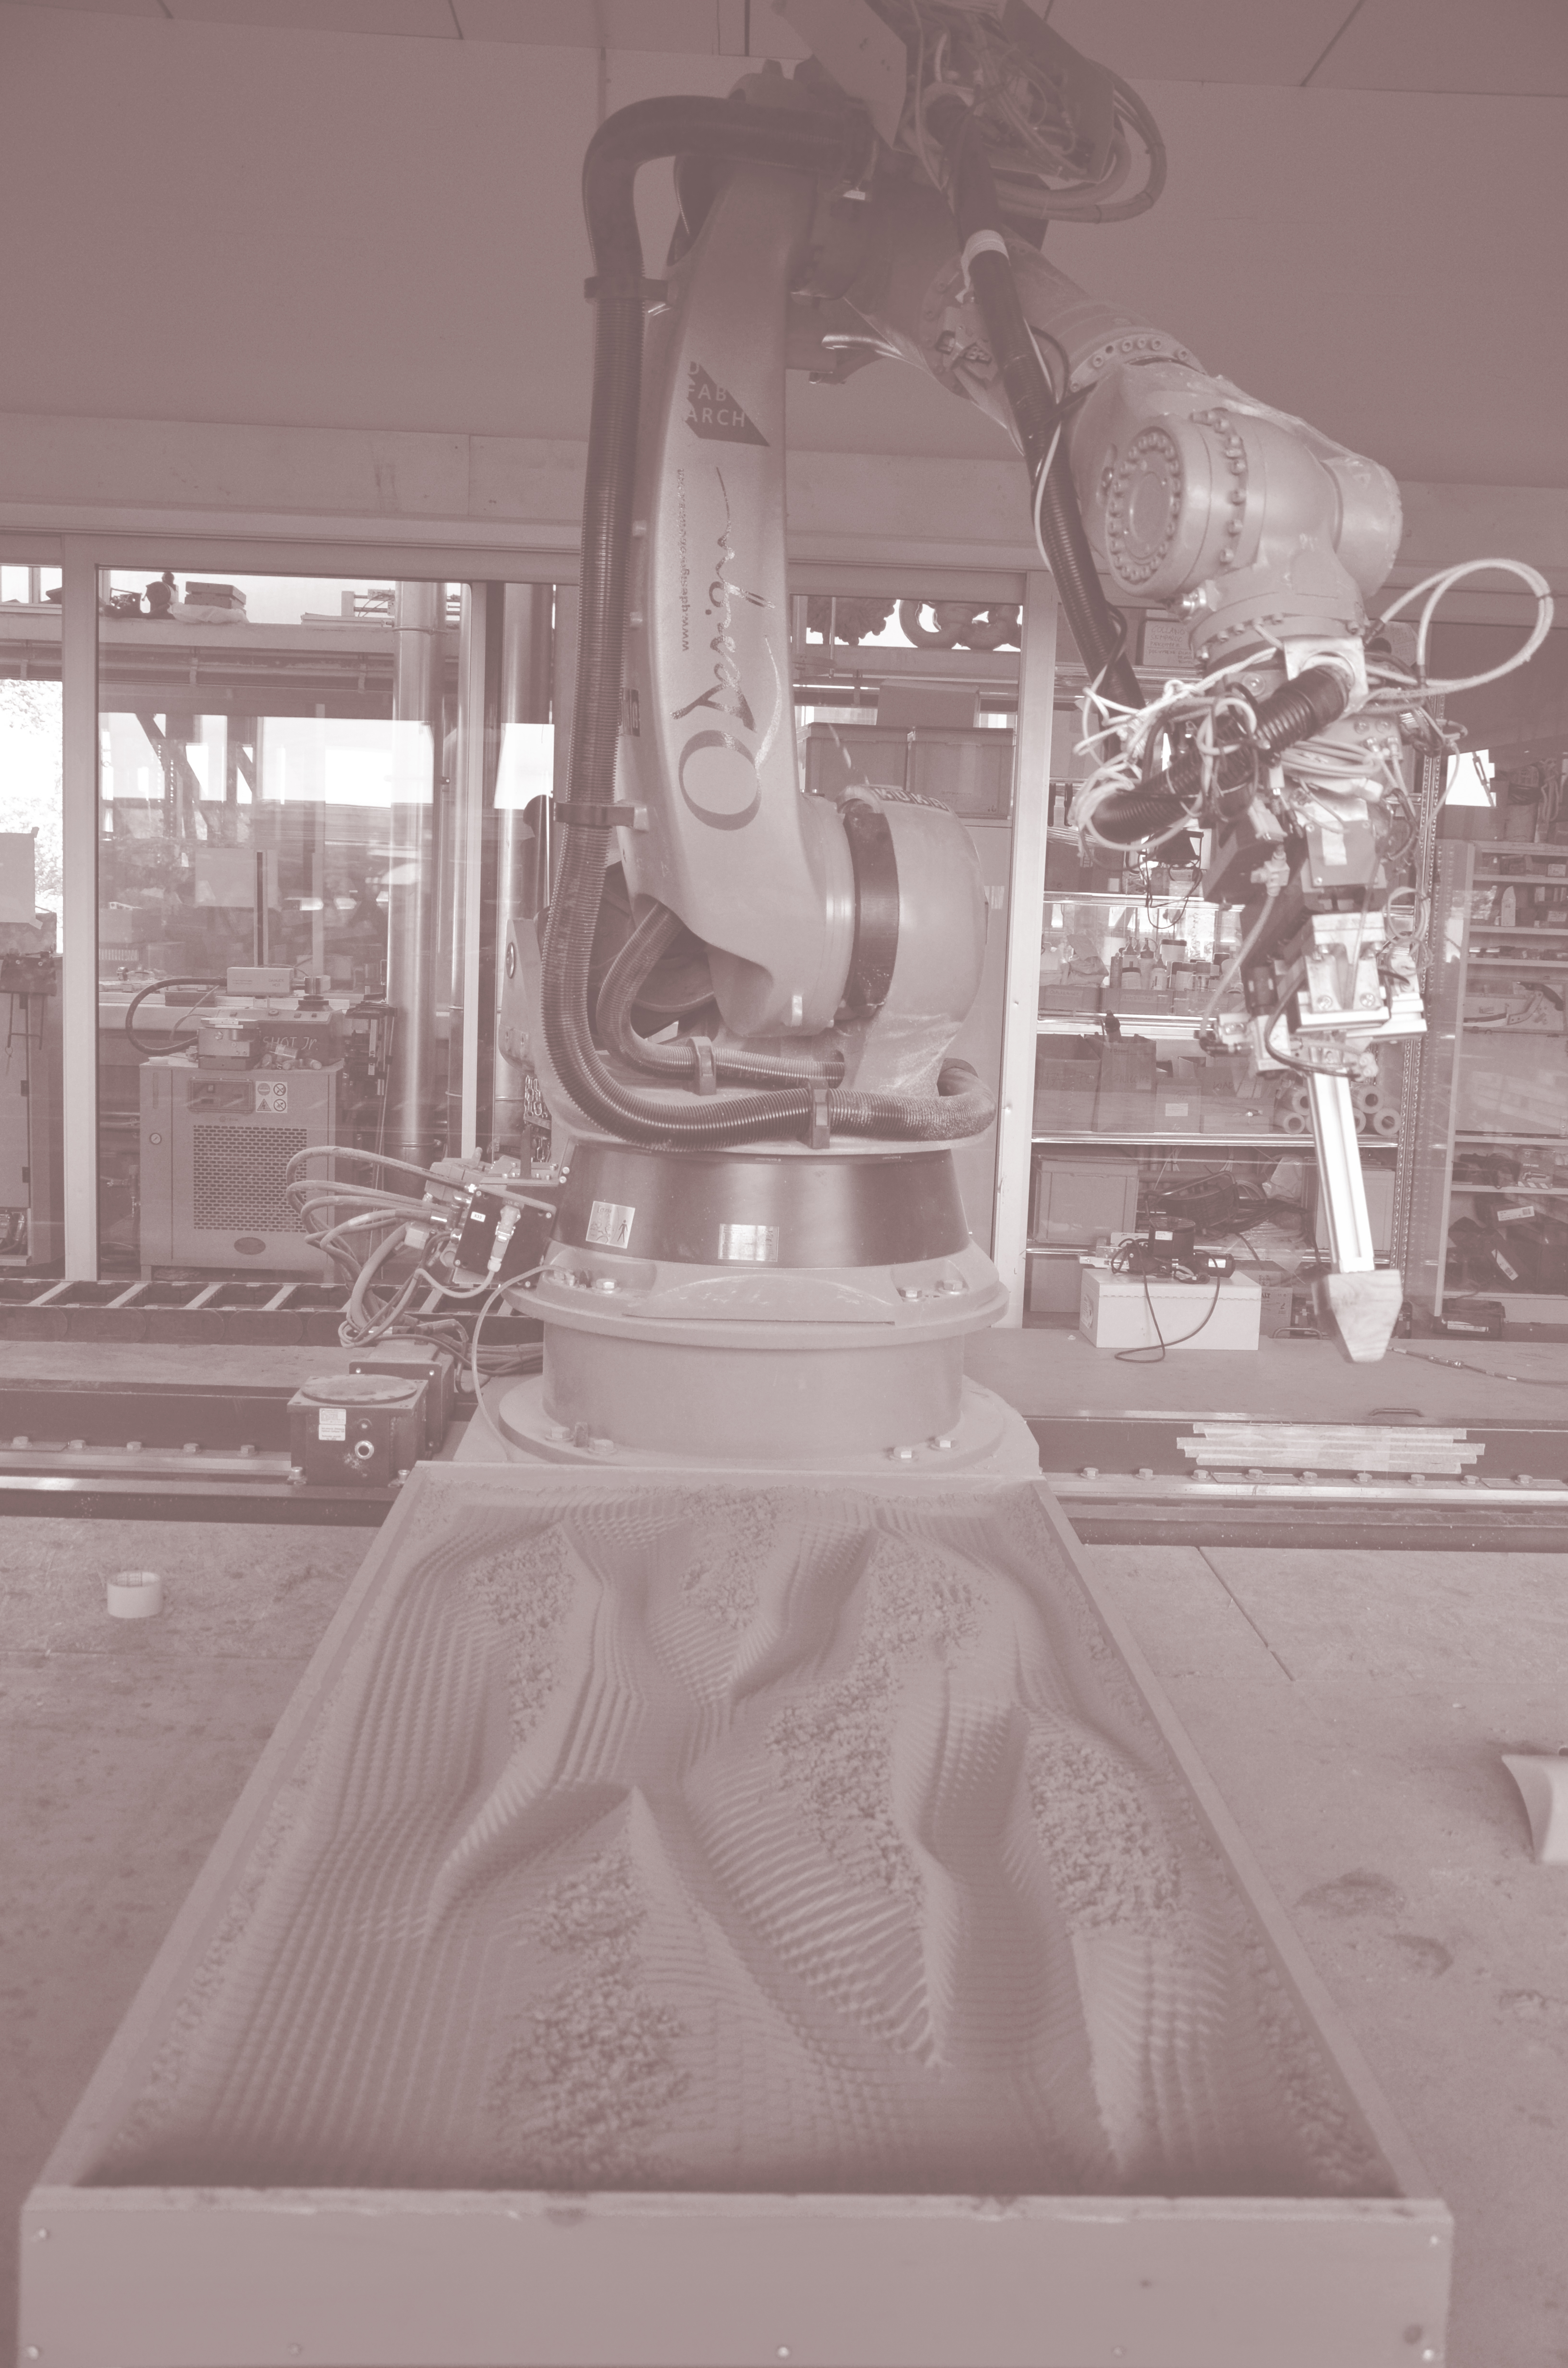 110701_125_Produktion_MKS_0038_PR